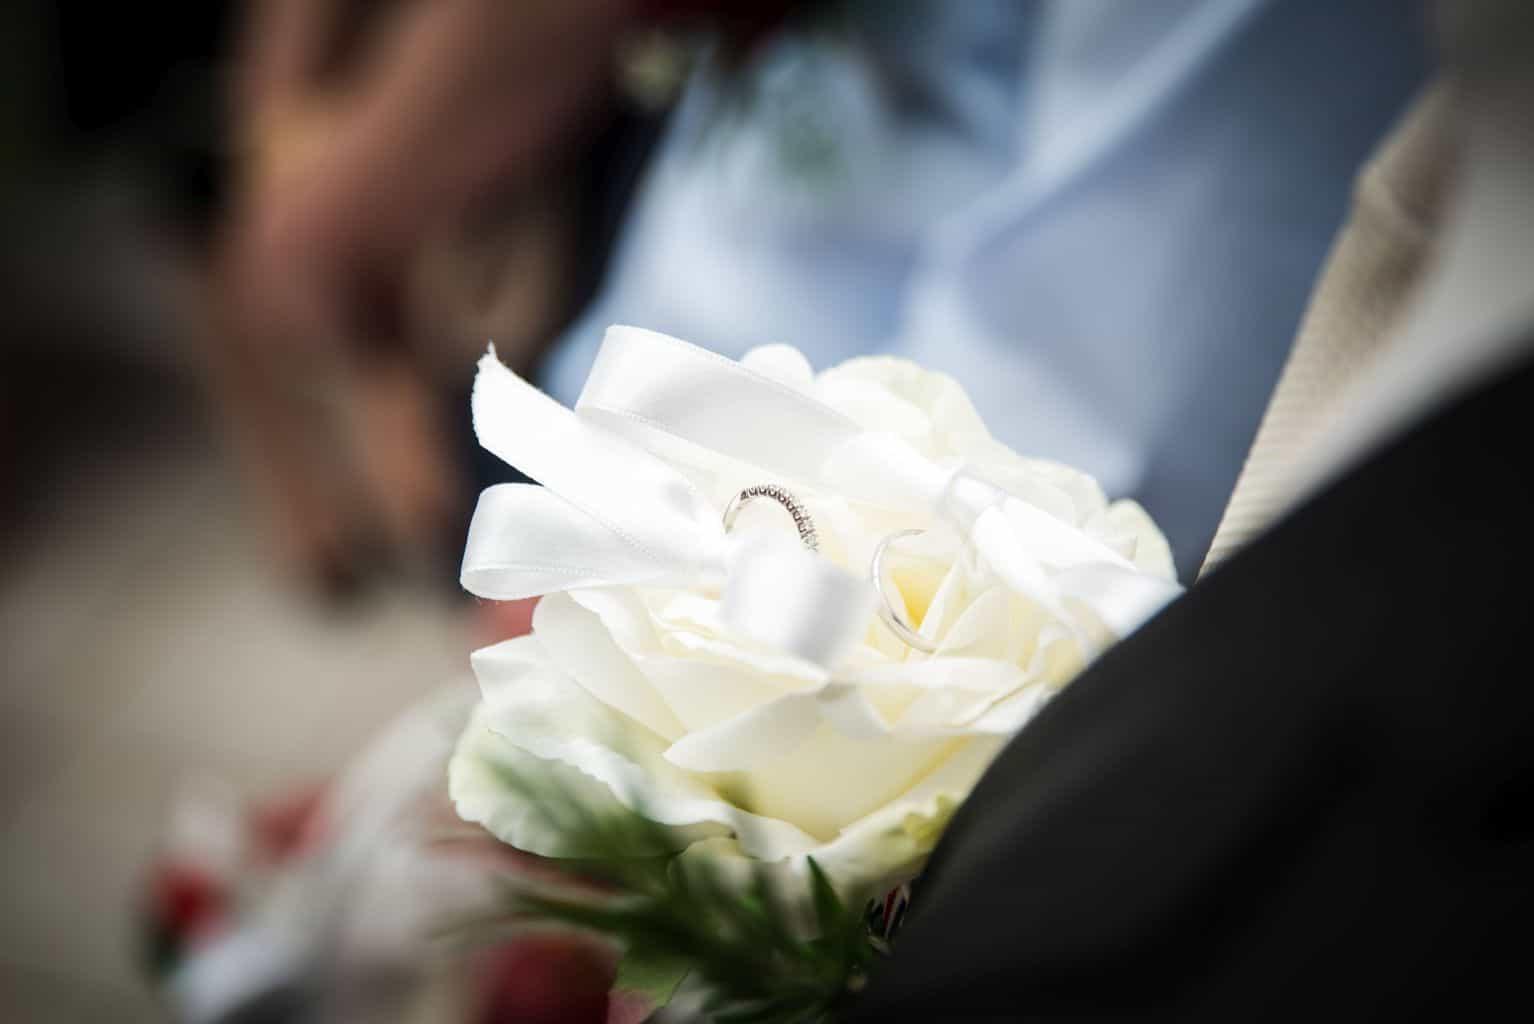 CroArts Hochzeitsreportage in Düsseldorf: Abholung der Braut